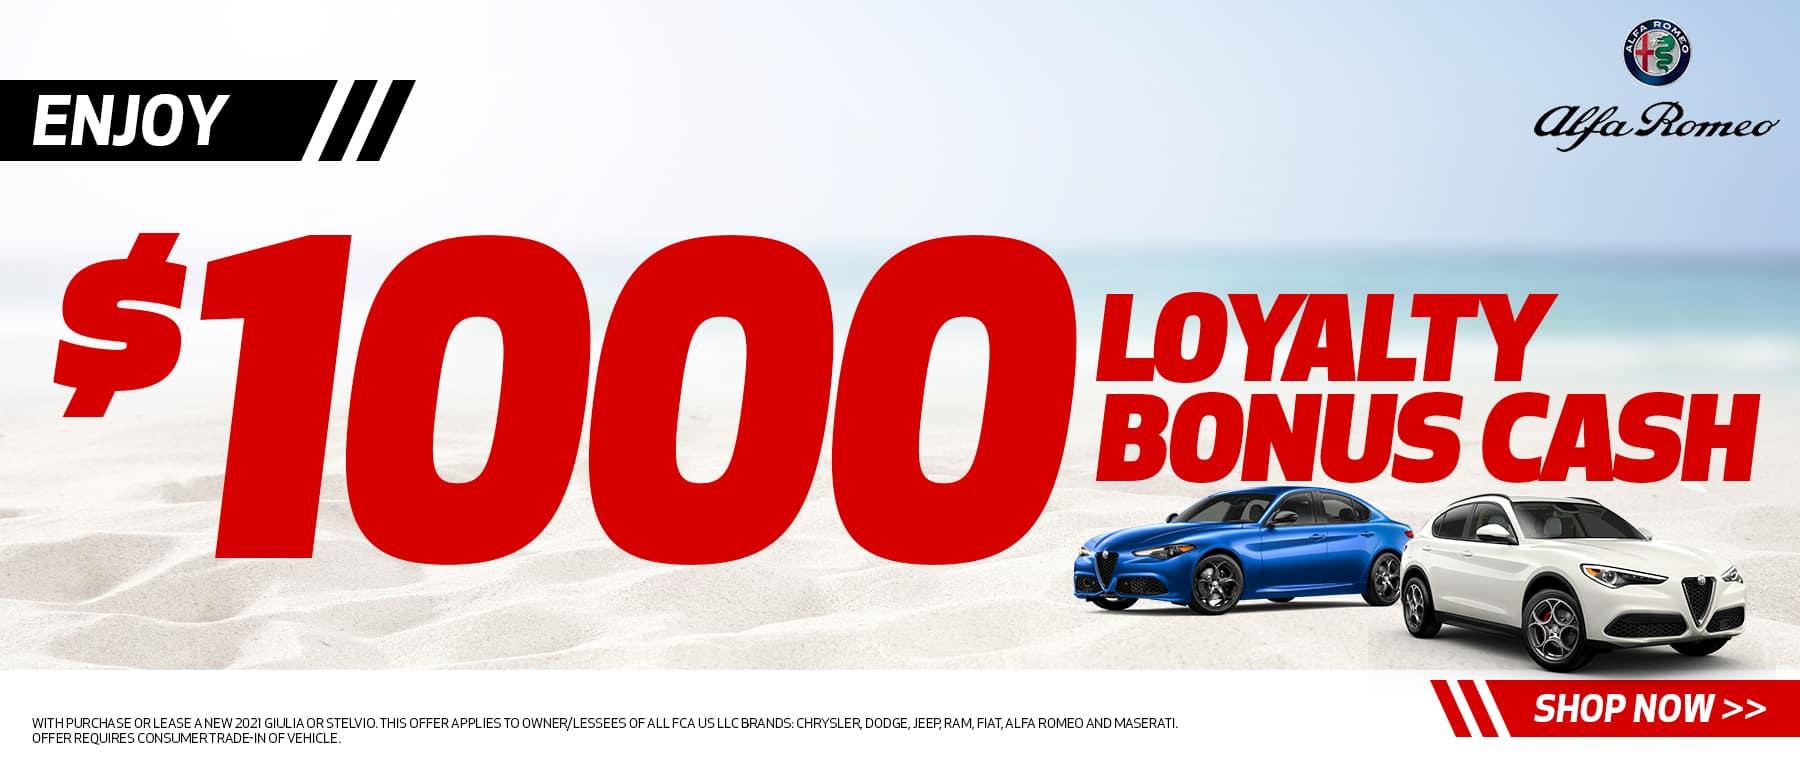 $1000 Loyalty Bonus Cash